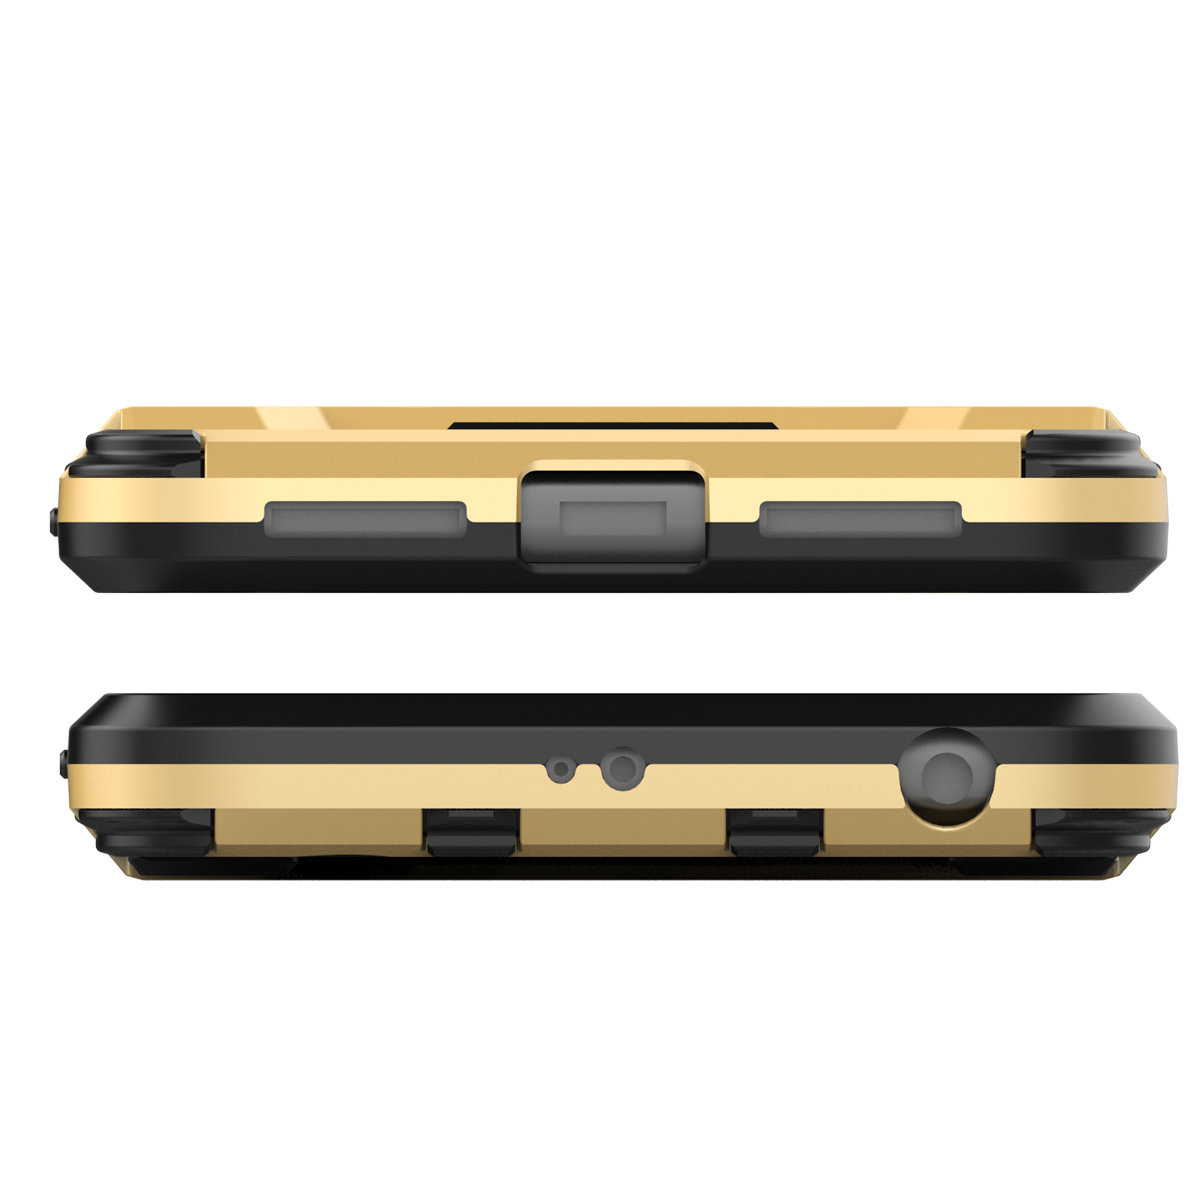 Для Red mi 5 Plus 4X 4A 4 Note 4 4X5 Pro Чехол для Xiao mi 8 SE mi 8 6X6 5 5S с подставкой двойной гибридный ТПУ + PC силиконовый чехол для телефона